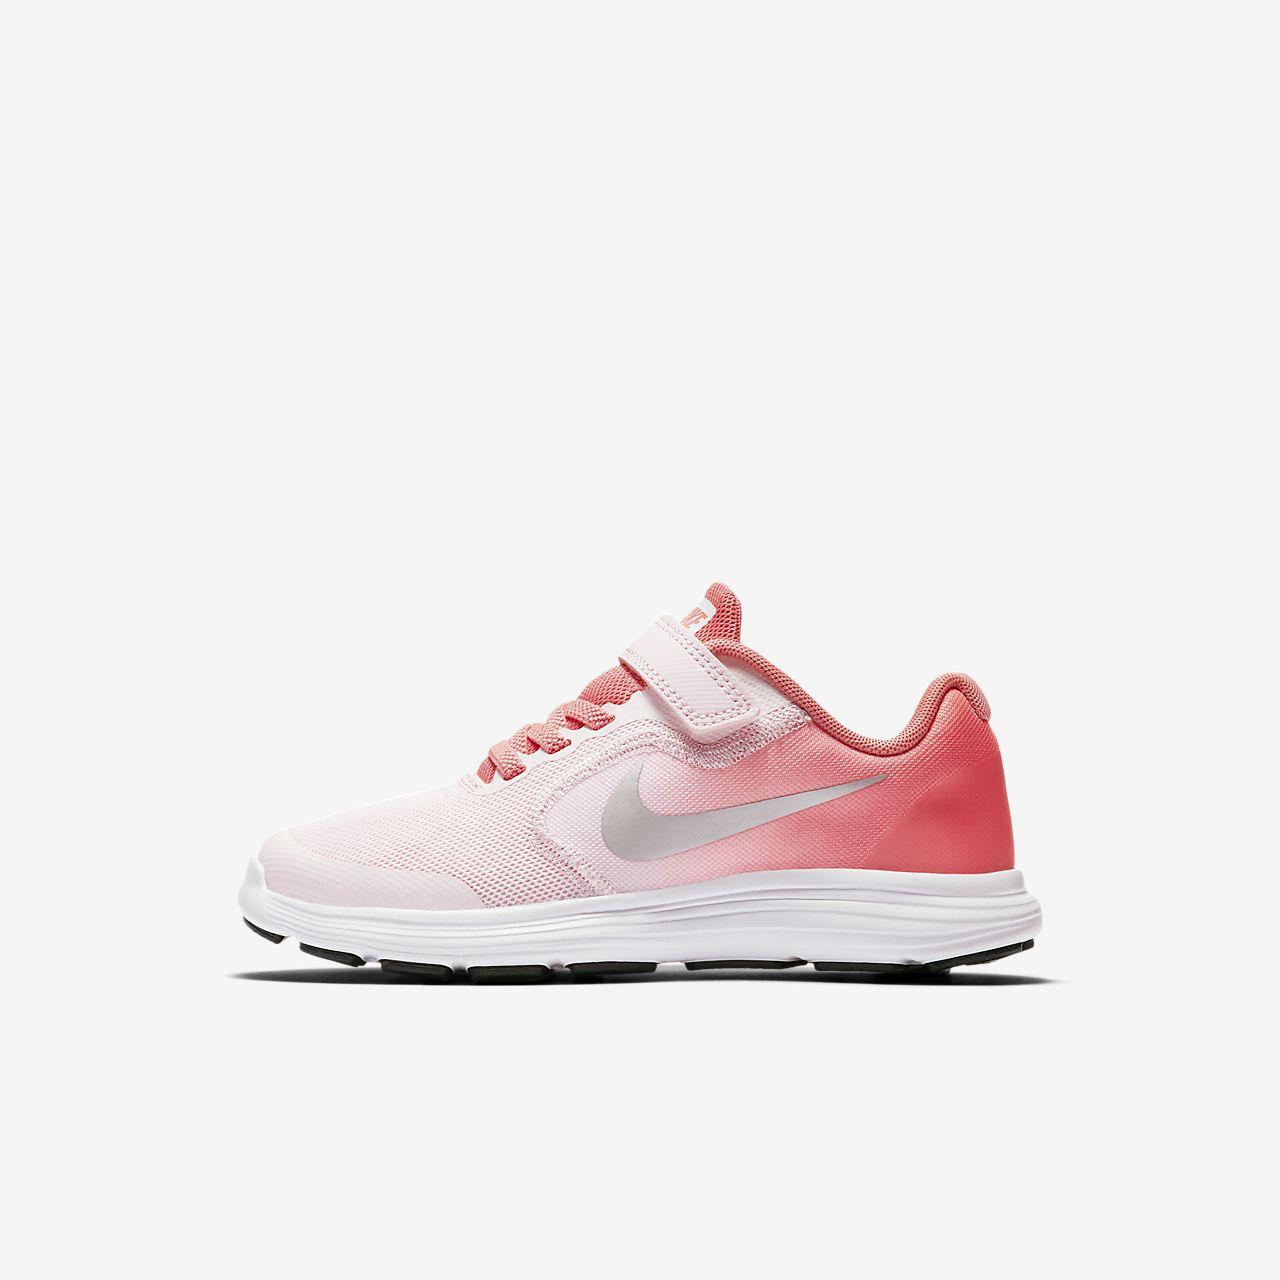 31cee0de9 Nike Revolution 3 Zapatillas de running - Niño a pequeño a. Nike.com ES